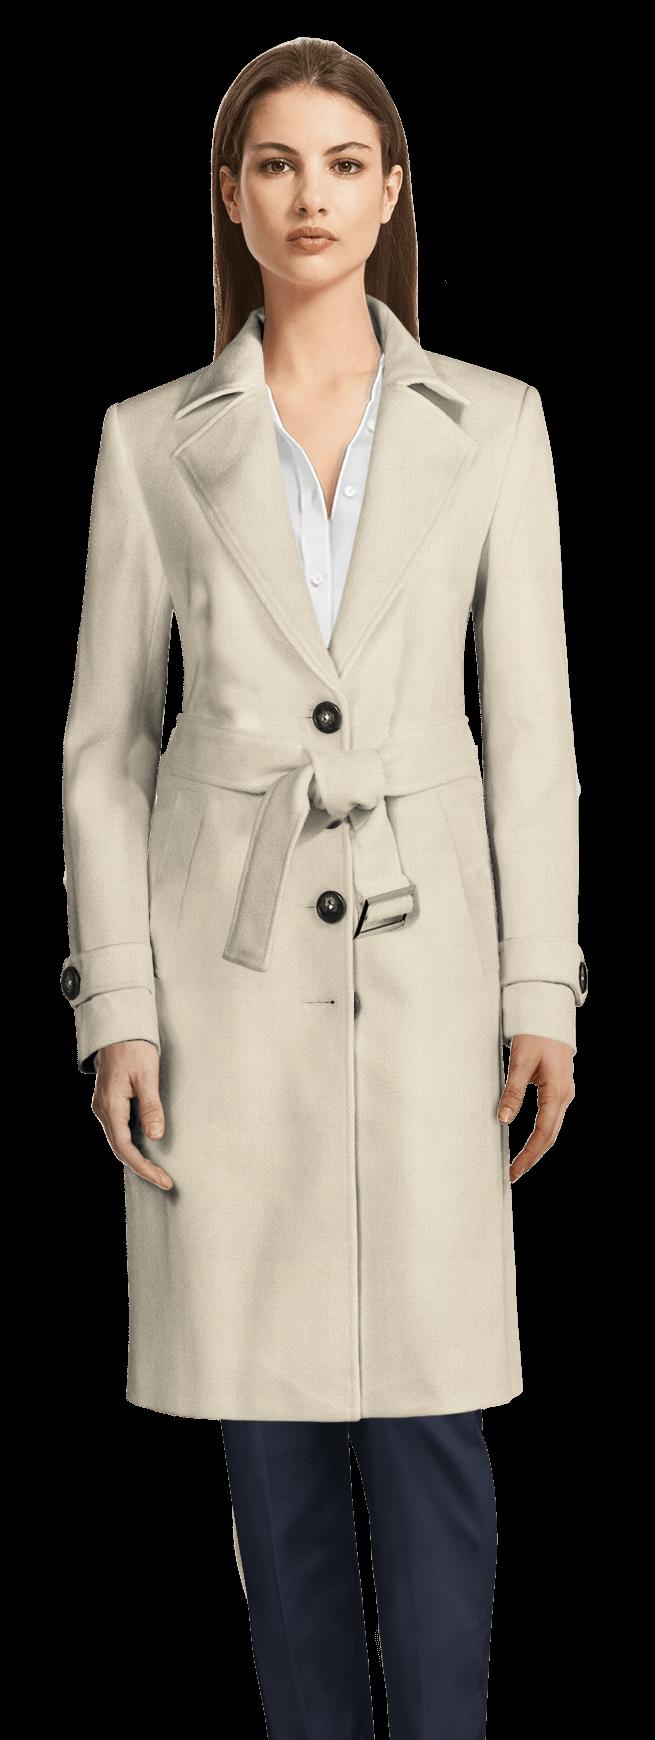 official photos 27530 5de46 Cappotto con cintura lungo avorio con risvolti larghi